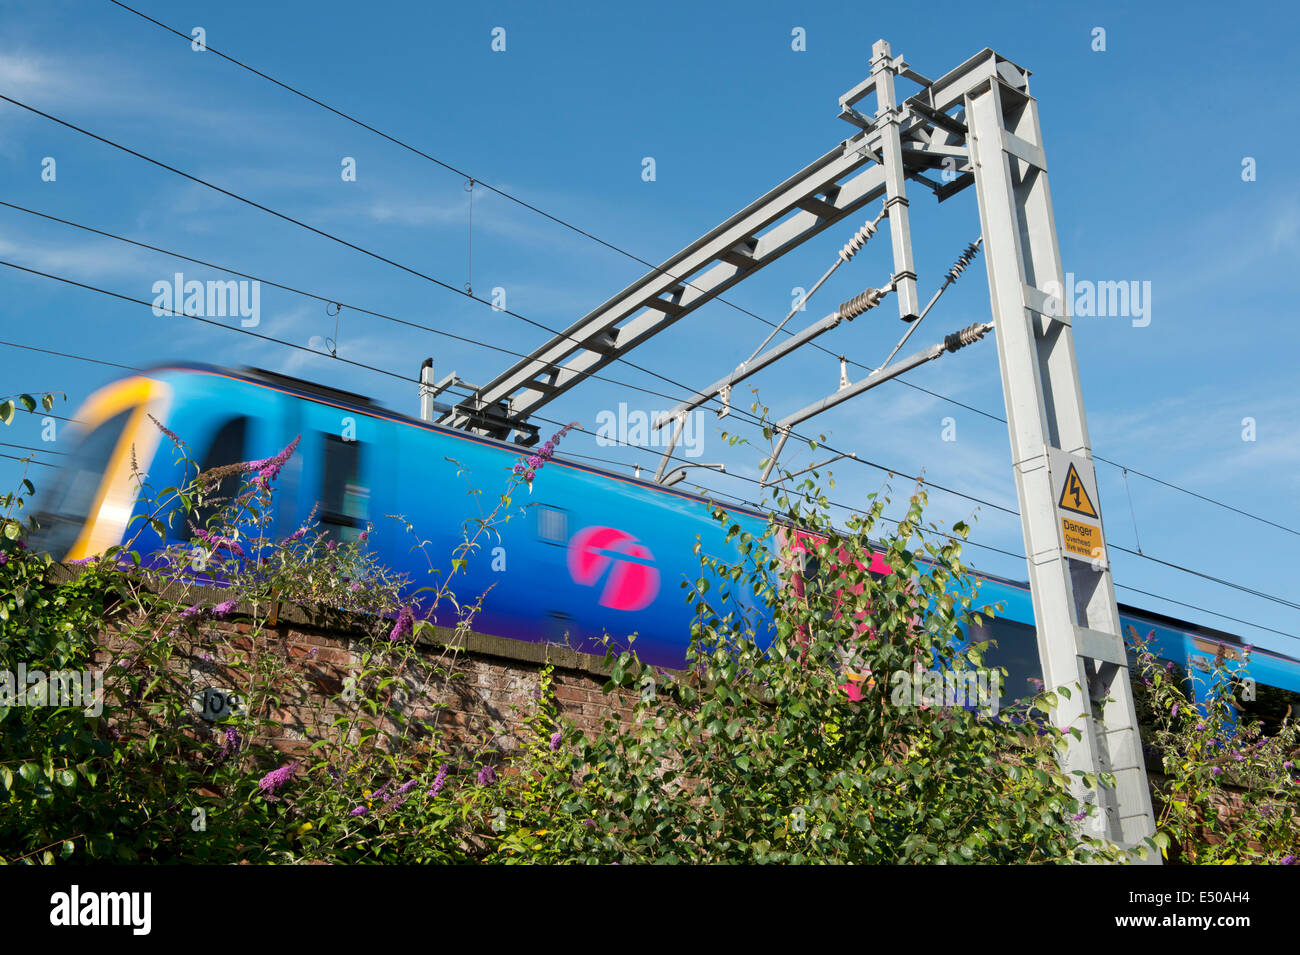 A First TransPennine ADtranz / Bombardier Express Class 170 Turbostar runs along an electrified rail line in Manchester. - Stock Image